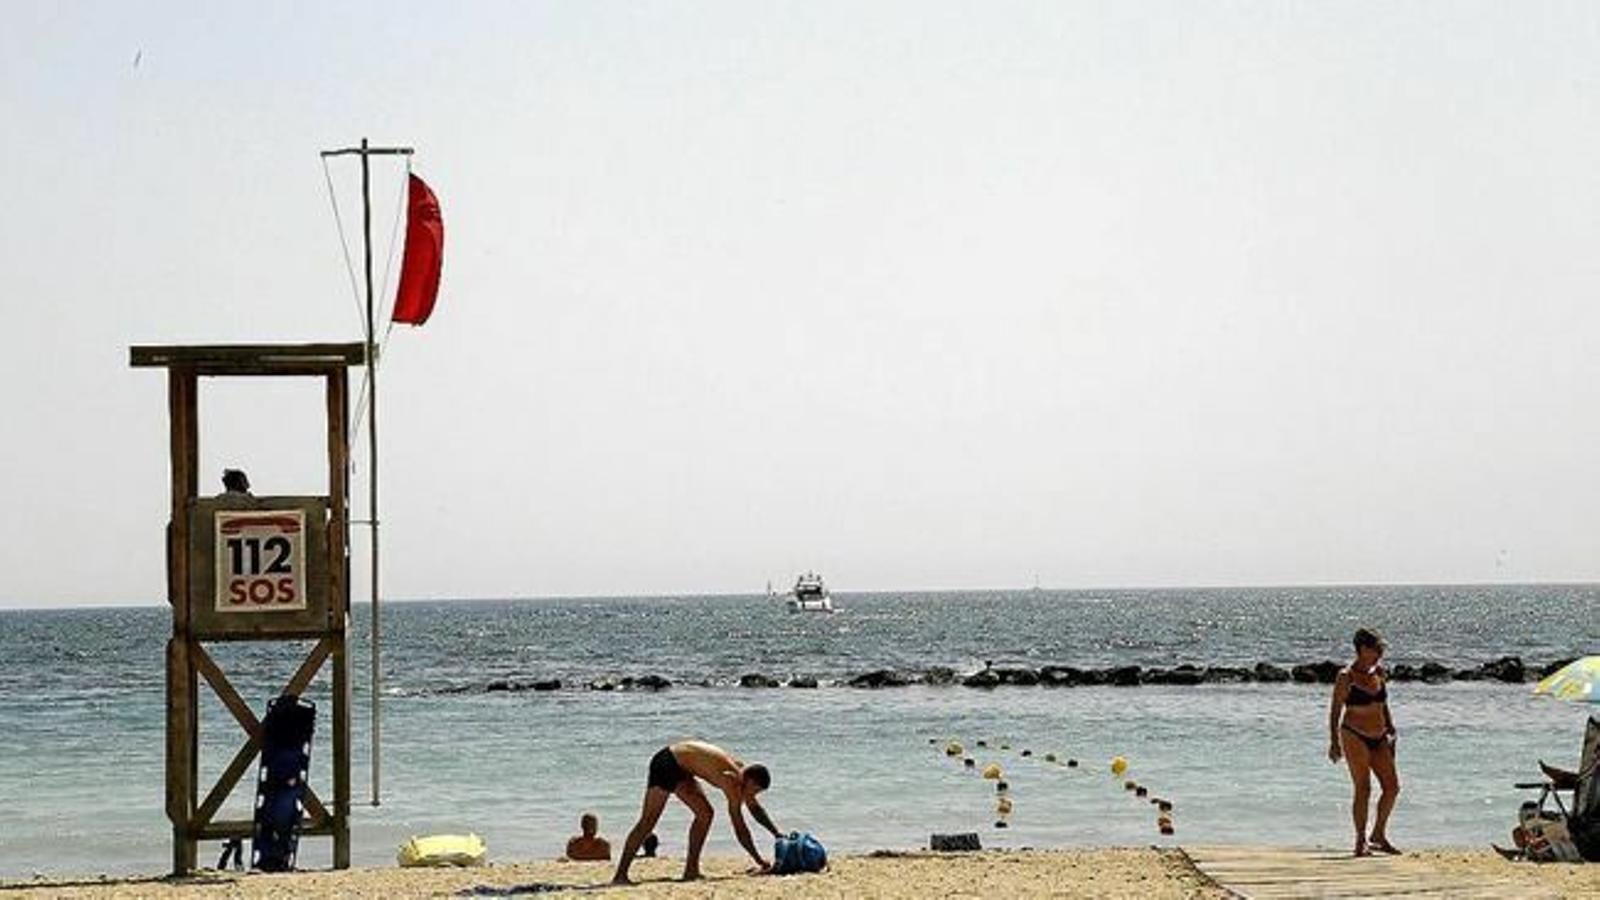 Les platges de Mallorca, Menorca i Eivissa obriran dilluns si aquestes illes passen a la fase 2